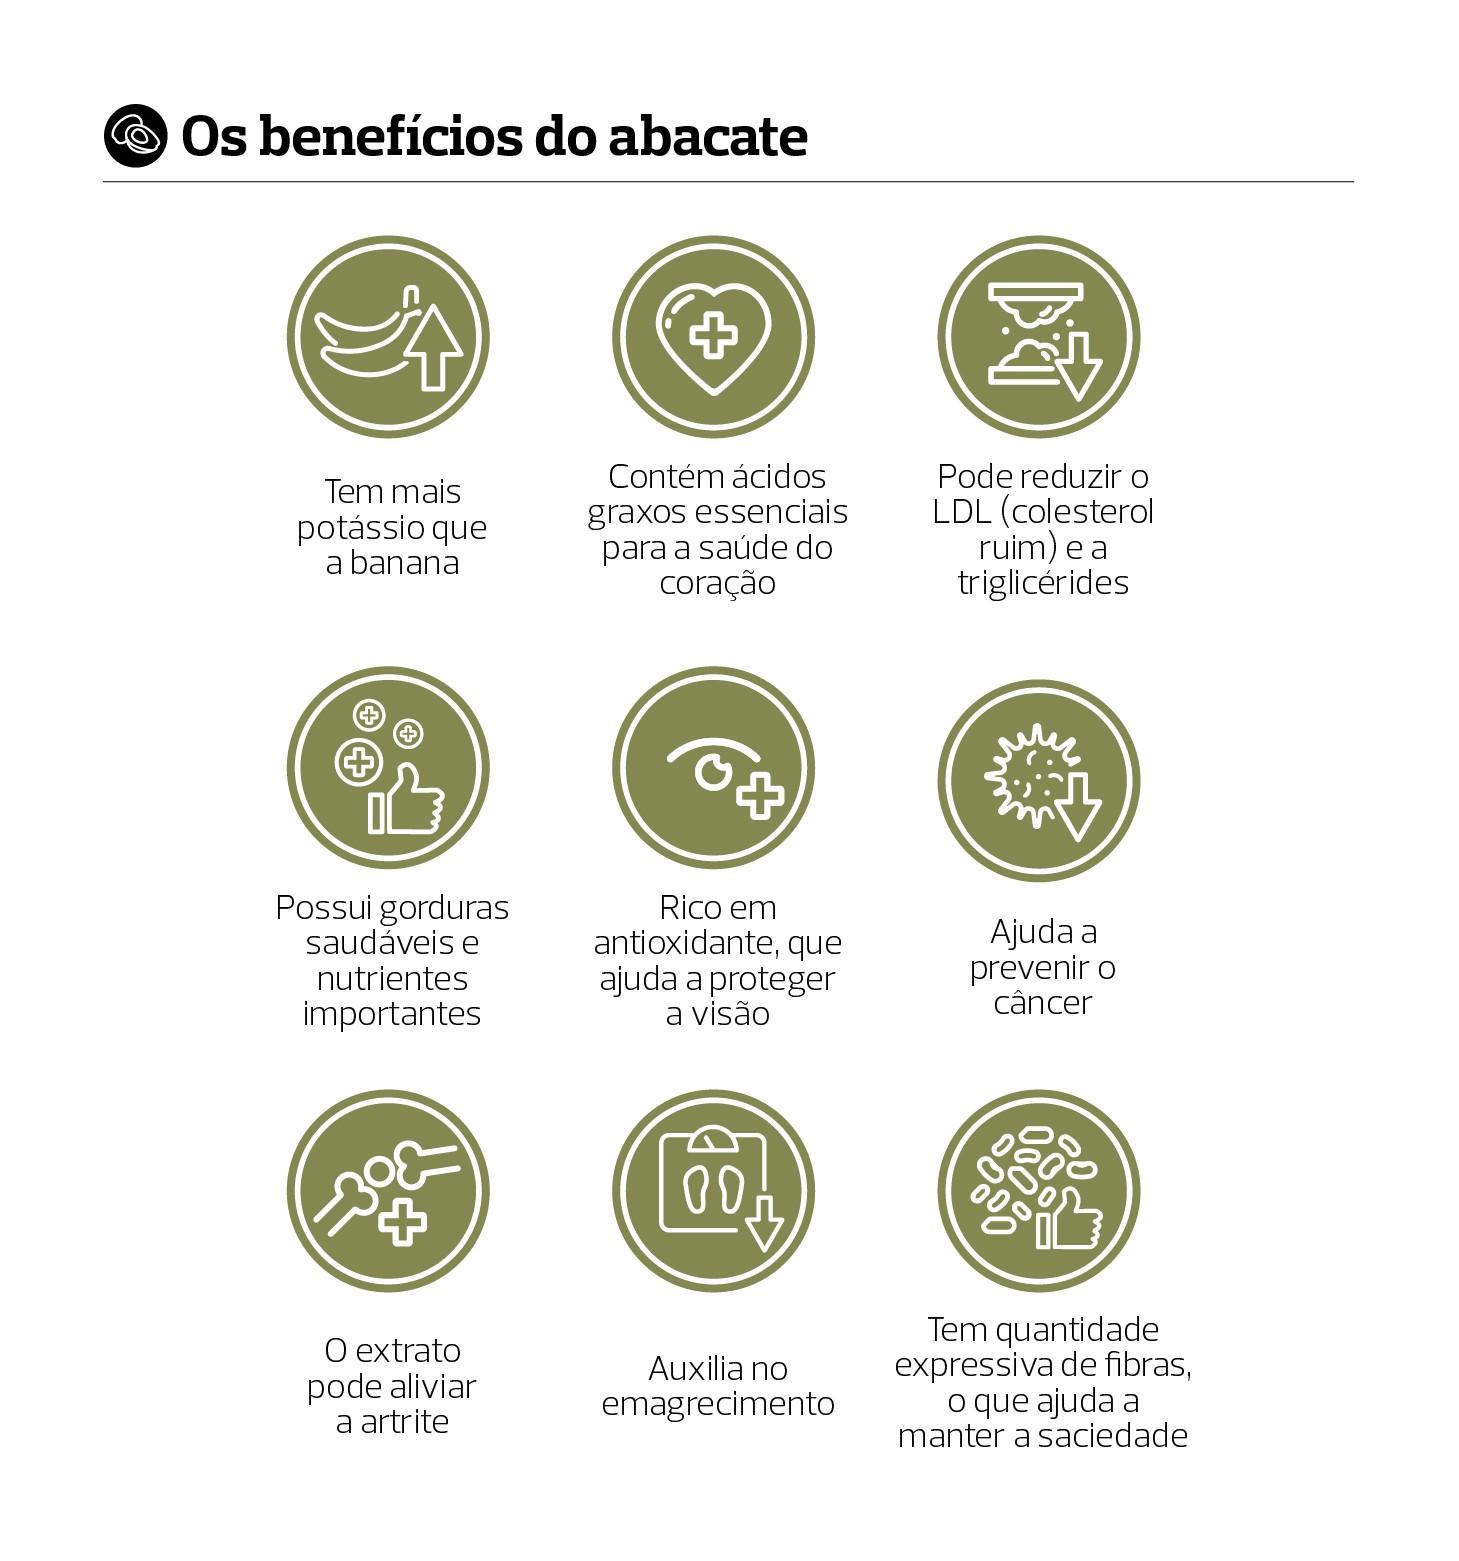 Benefícios do Abacate (Foto: Estúdio de Criação)